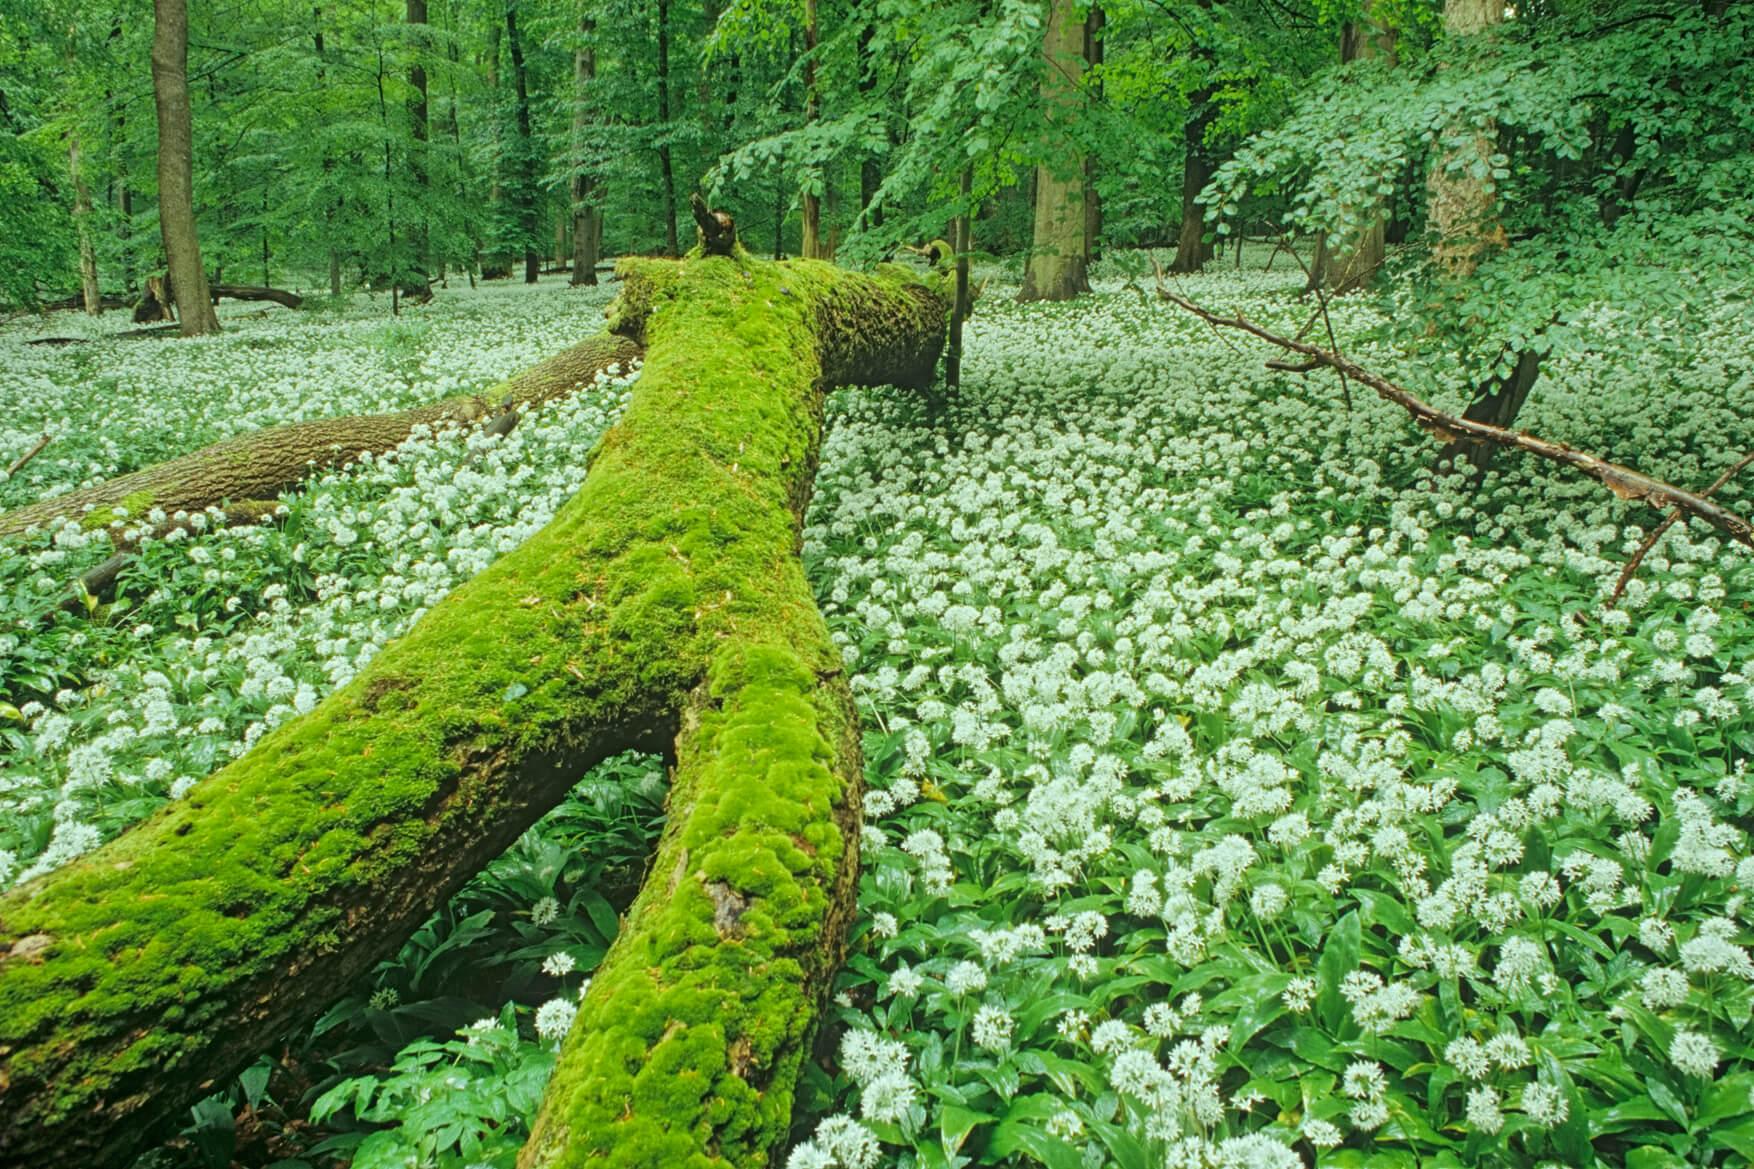 Nationalpark Hainich - Bärlauchteppich